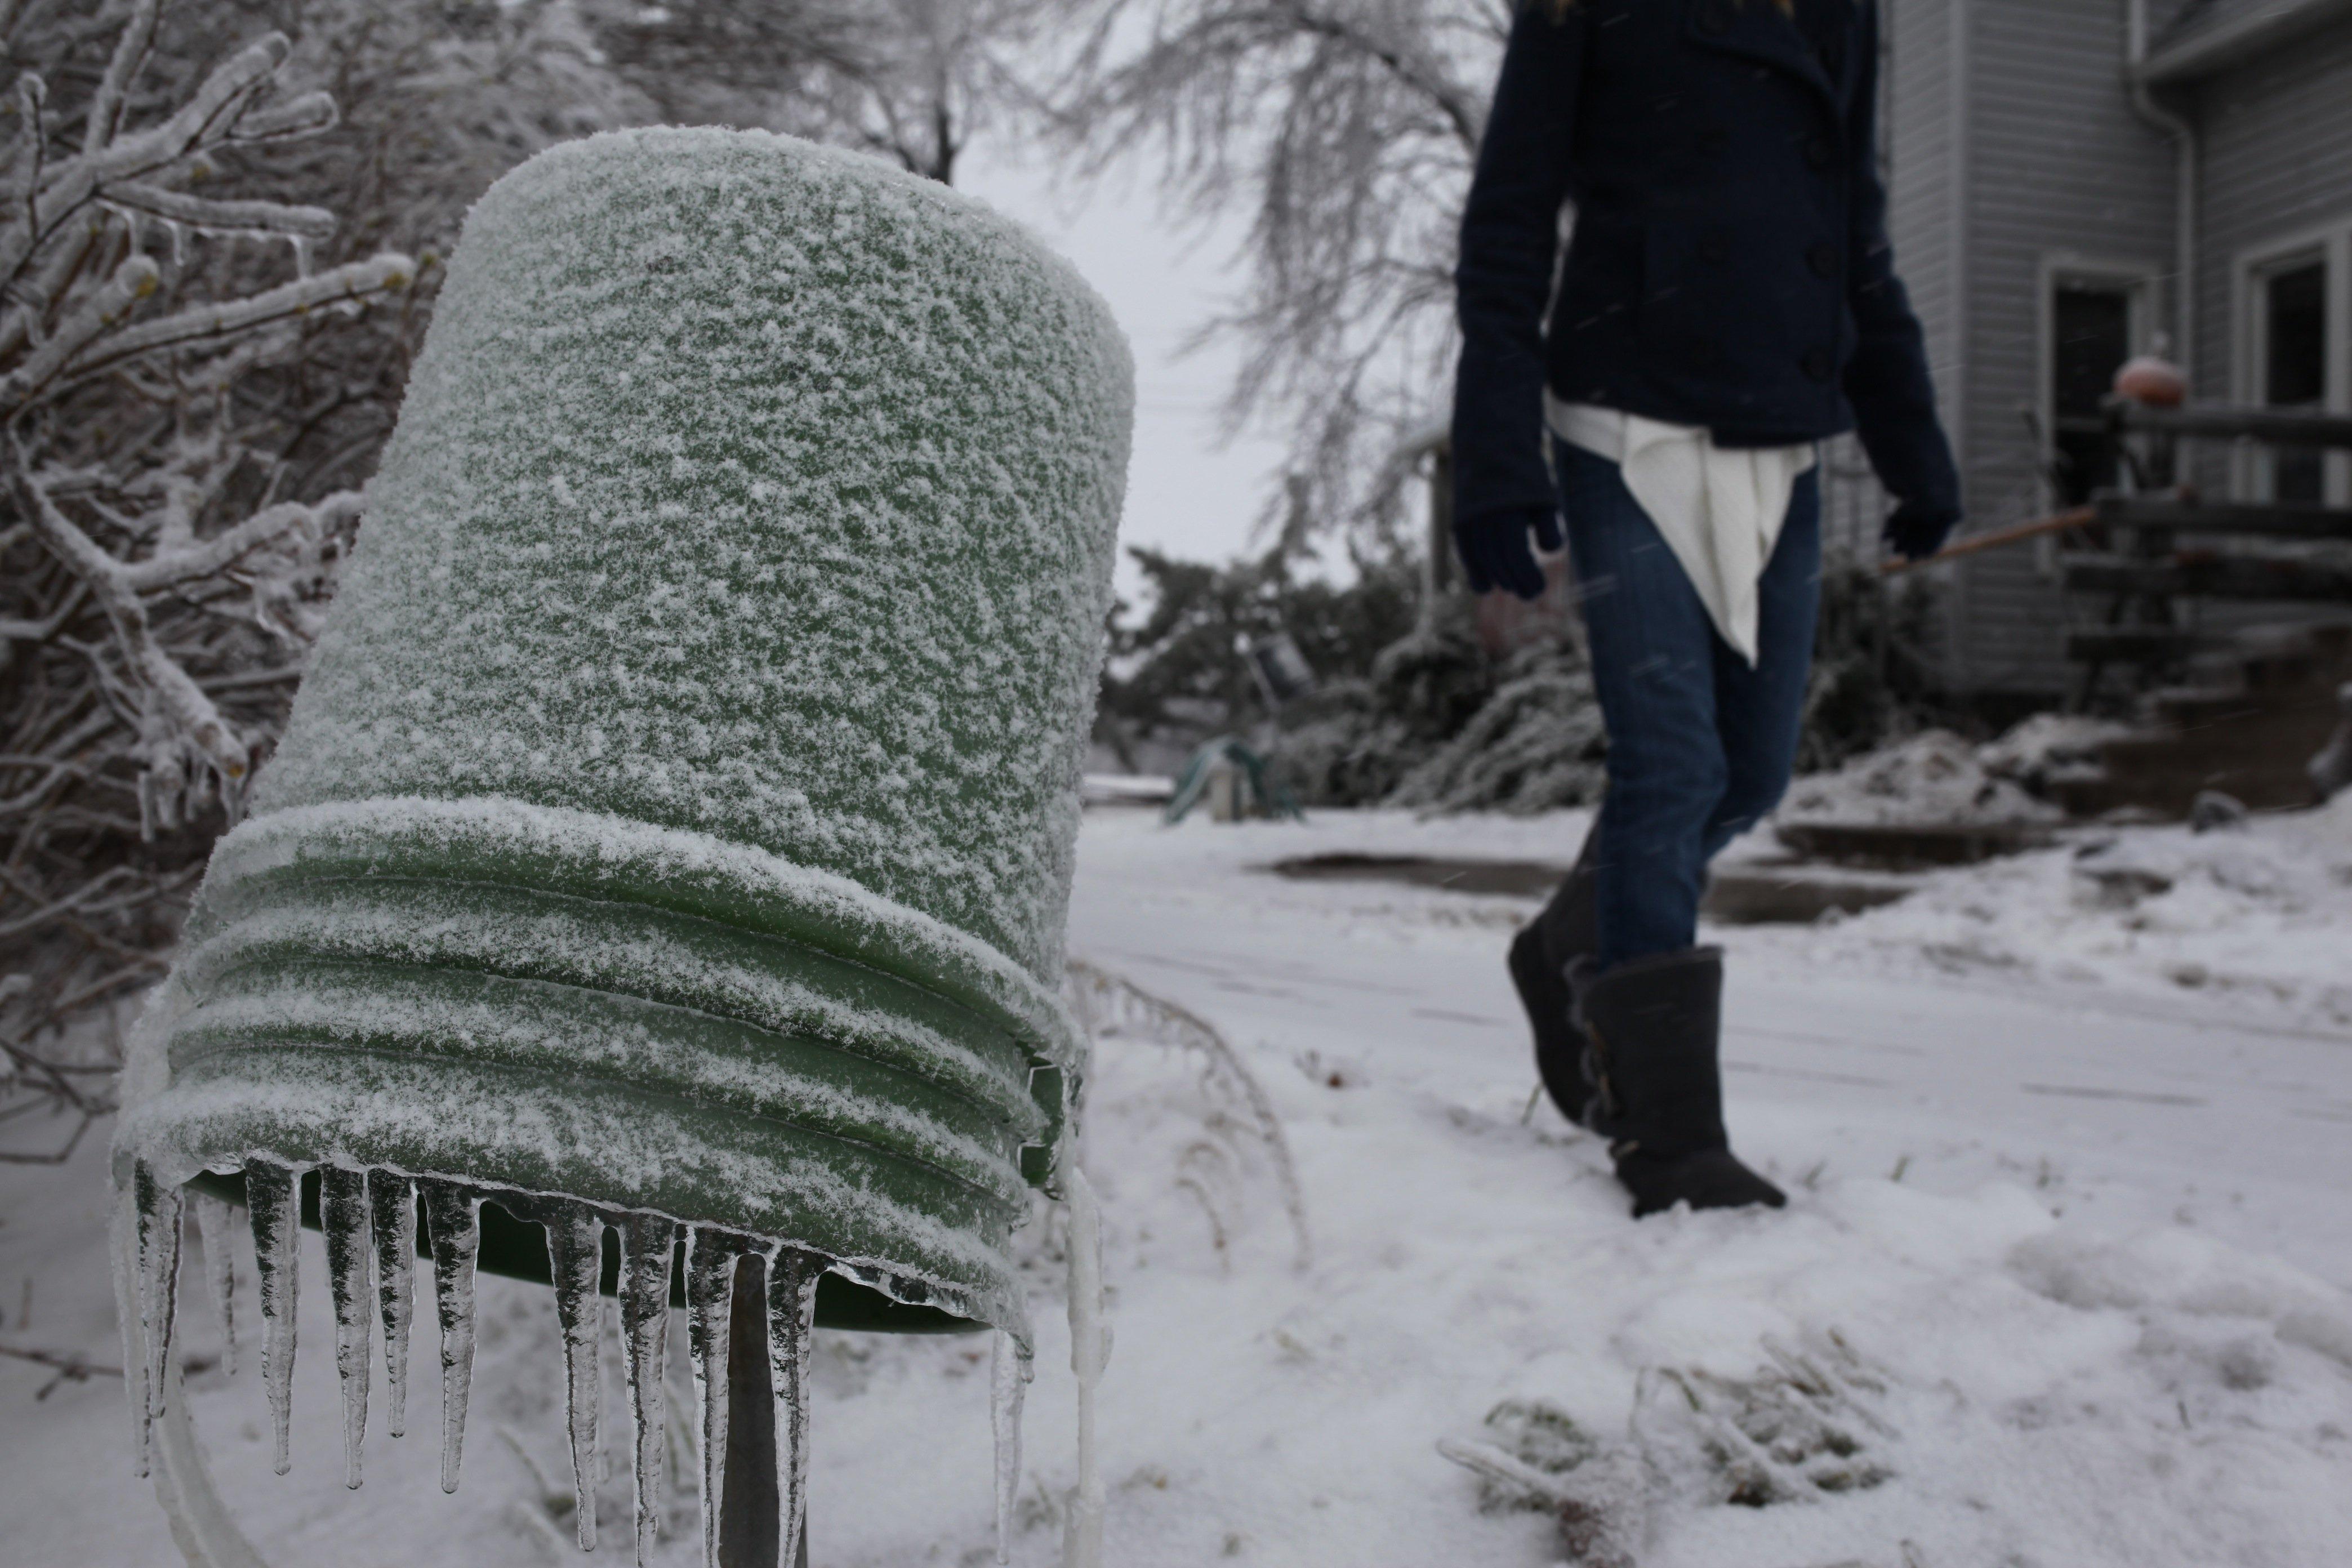 ice storm; frozen bucket